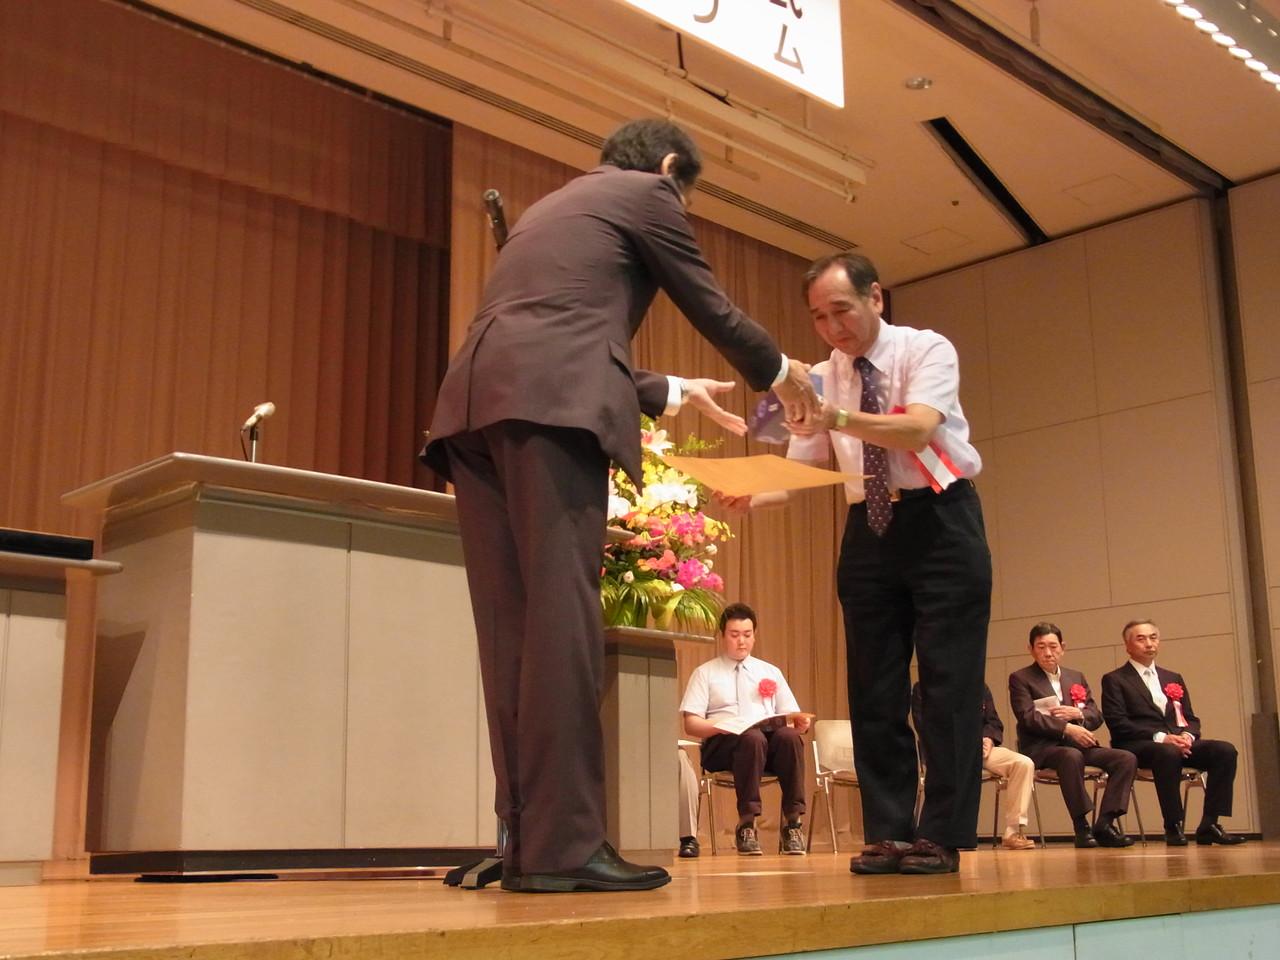 東京都の救急医療功労者・医療機関として東京都知事から表彰されました